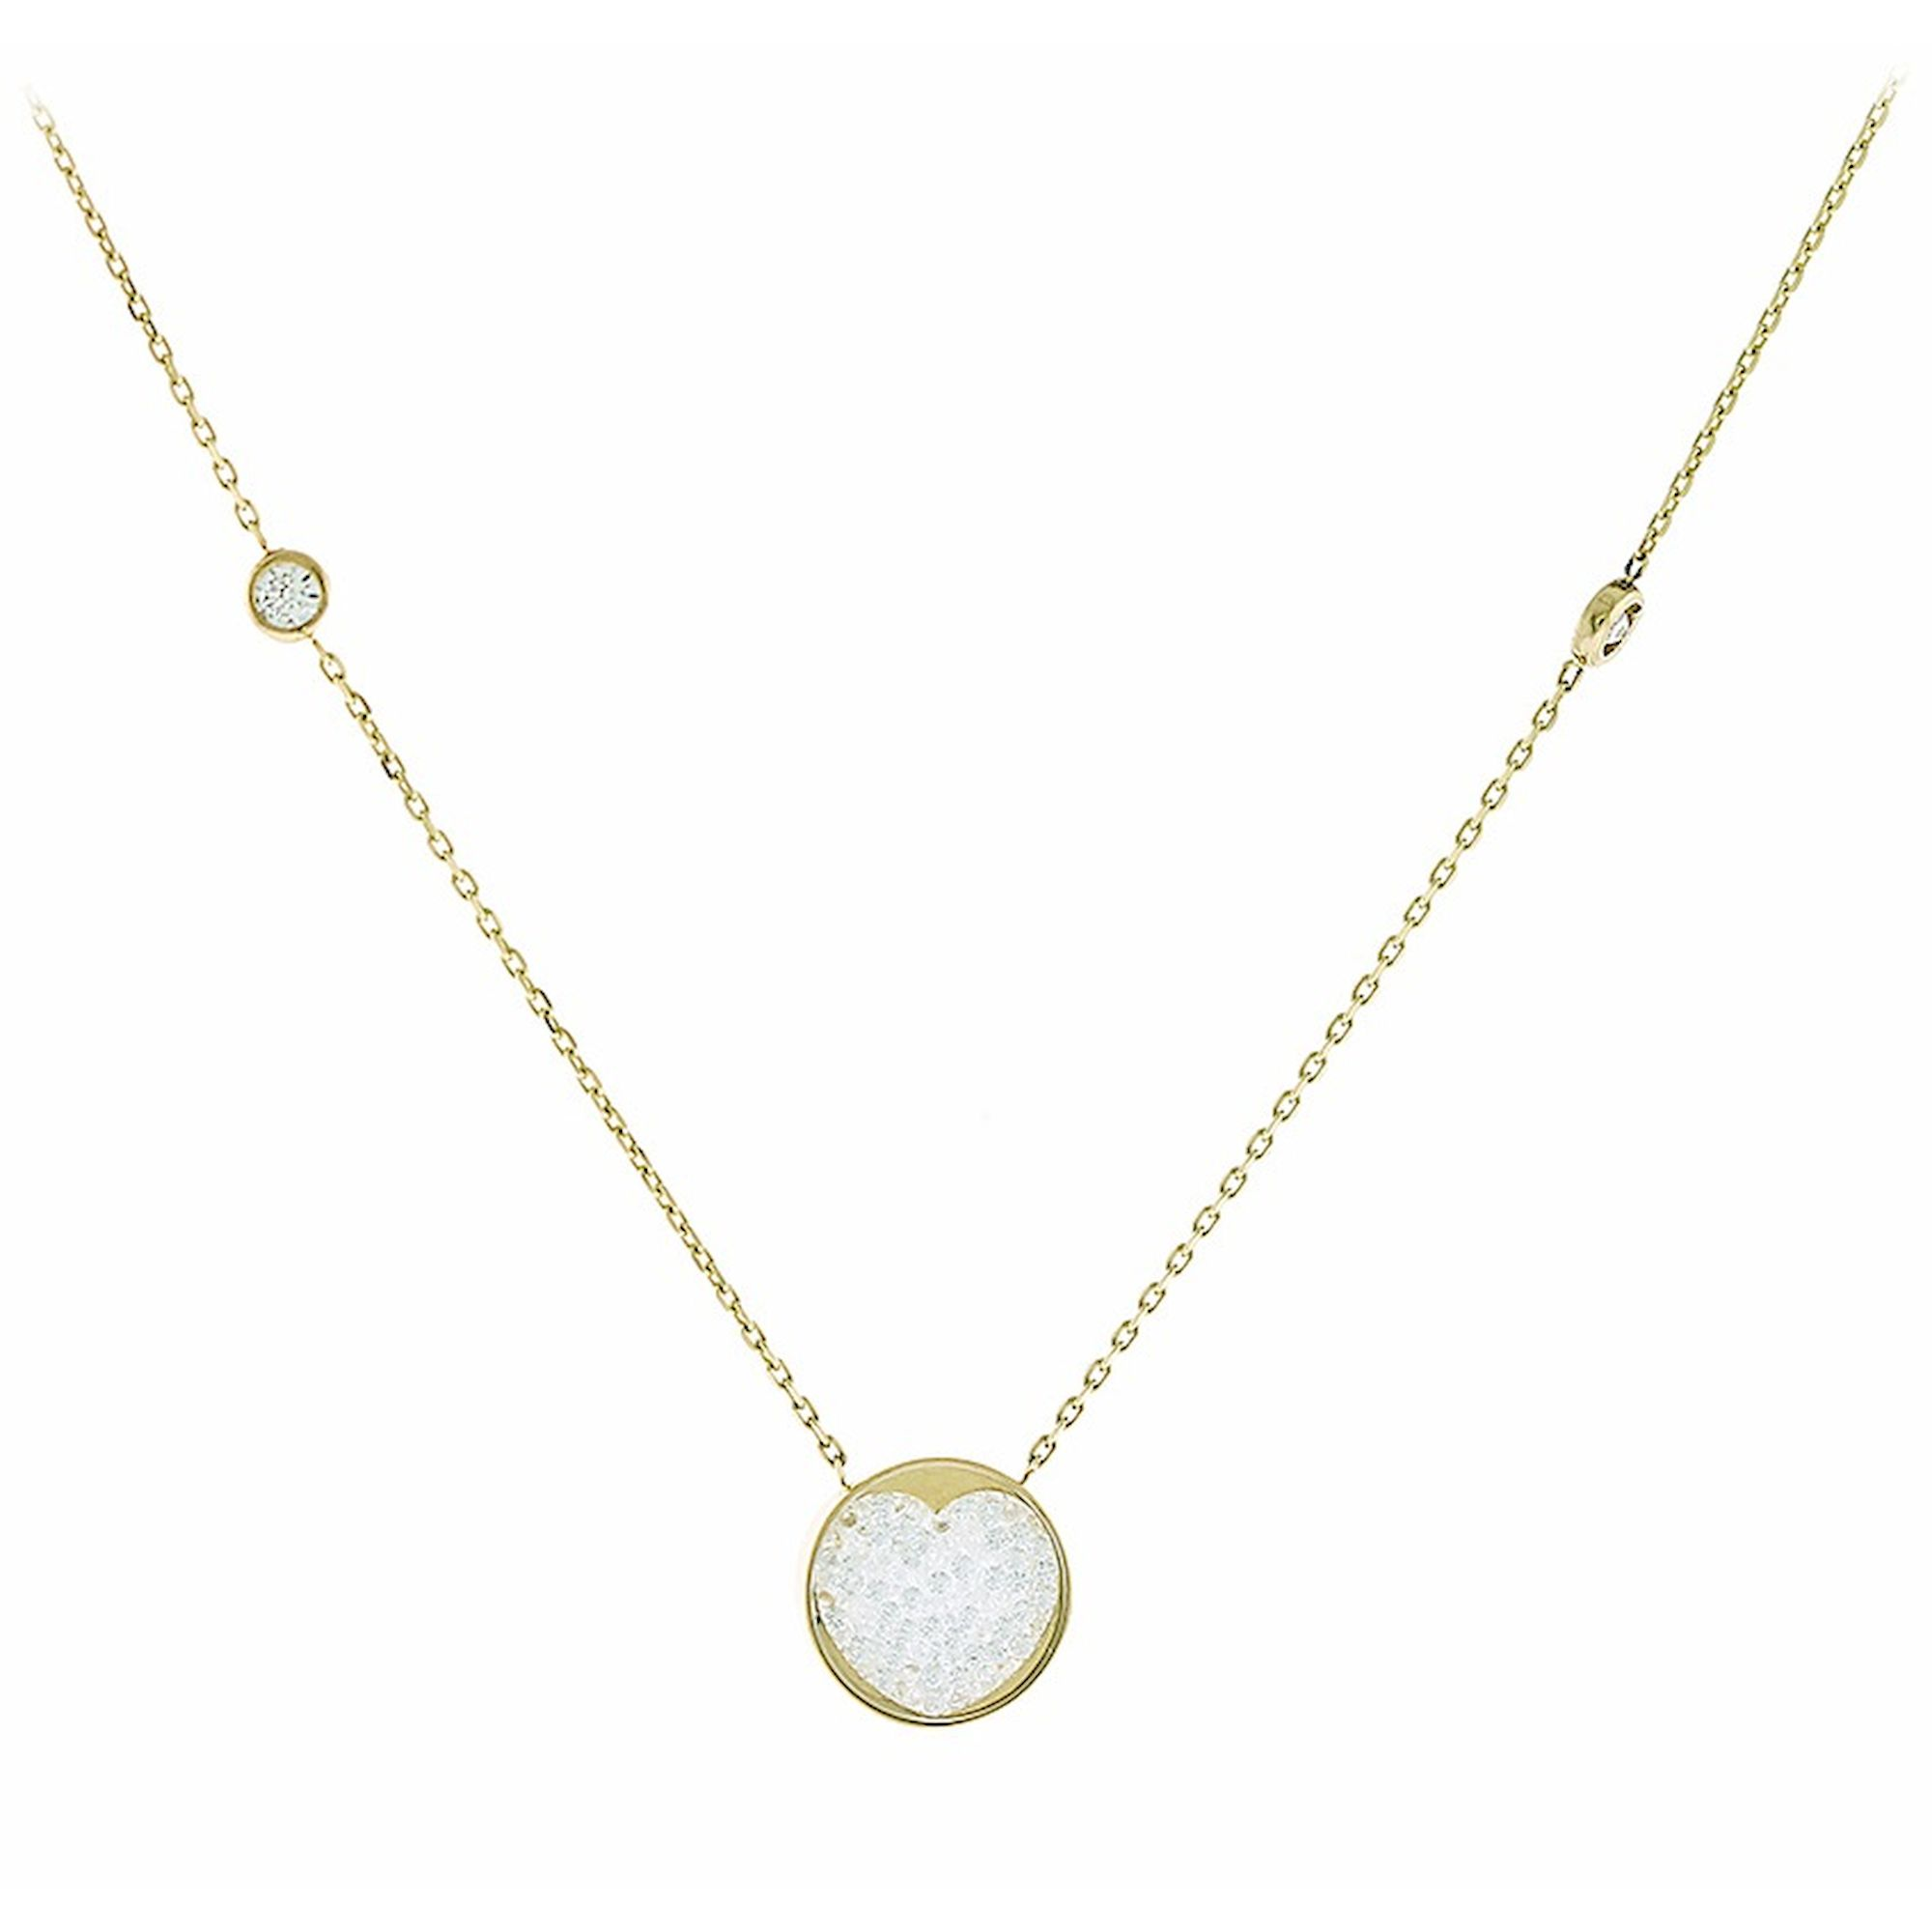 Κολιέ Καρδιά με Πέτρες Ζιργκόν 14 Καράτια, κολιέ, χρυσό κολιέ, 14 καράτια, Κρεμαστό για τον λαιμό, κόσμημα, χρυσό κόσμημα, δωρεάν μεταφορικά